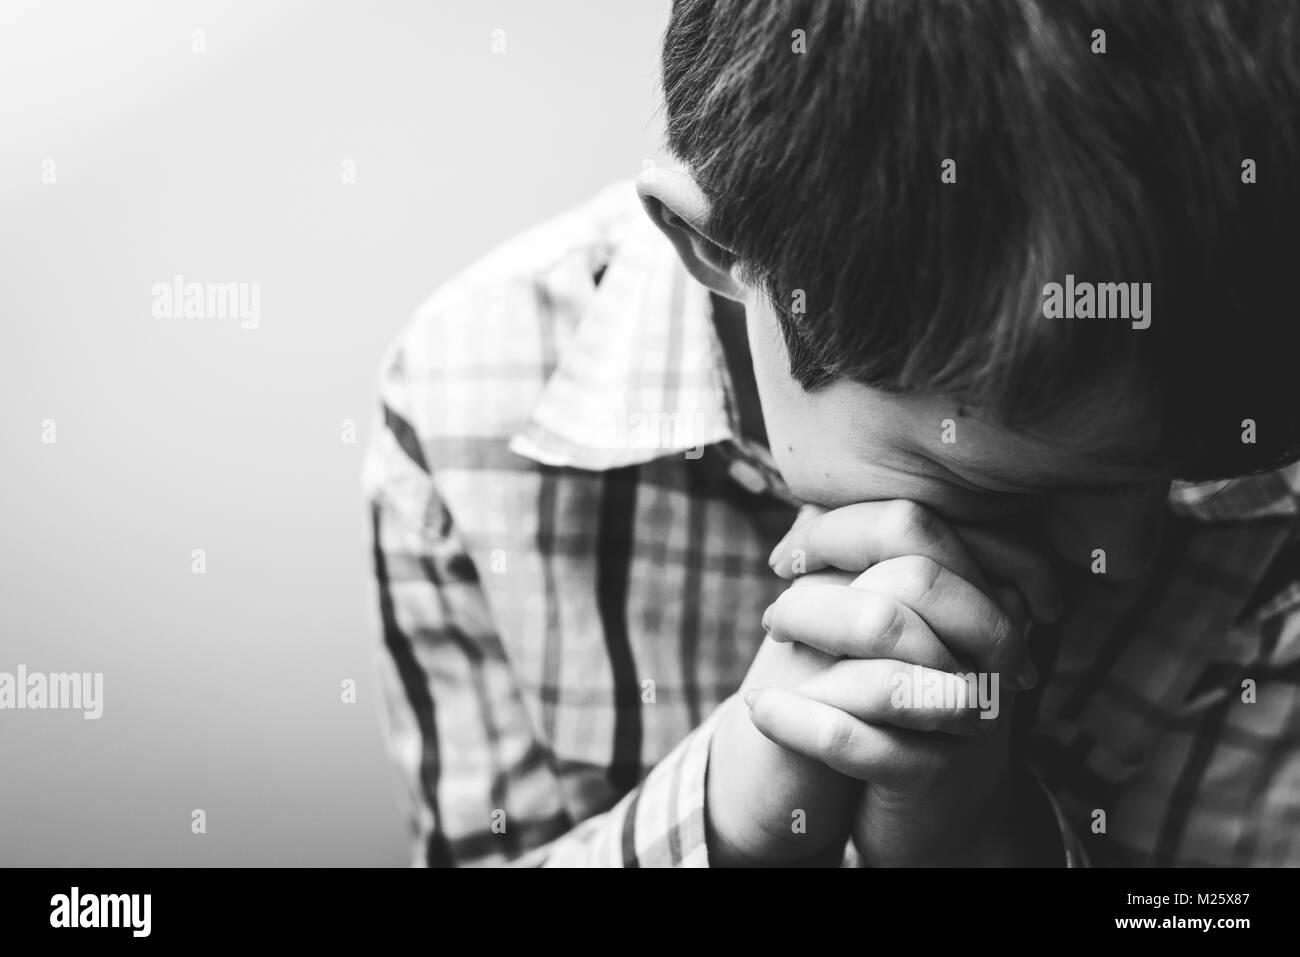 Ein Junge mit gesenktem Kopf im Gebet. Stockbild